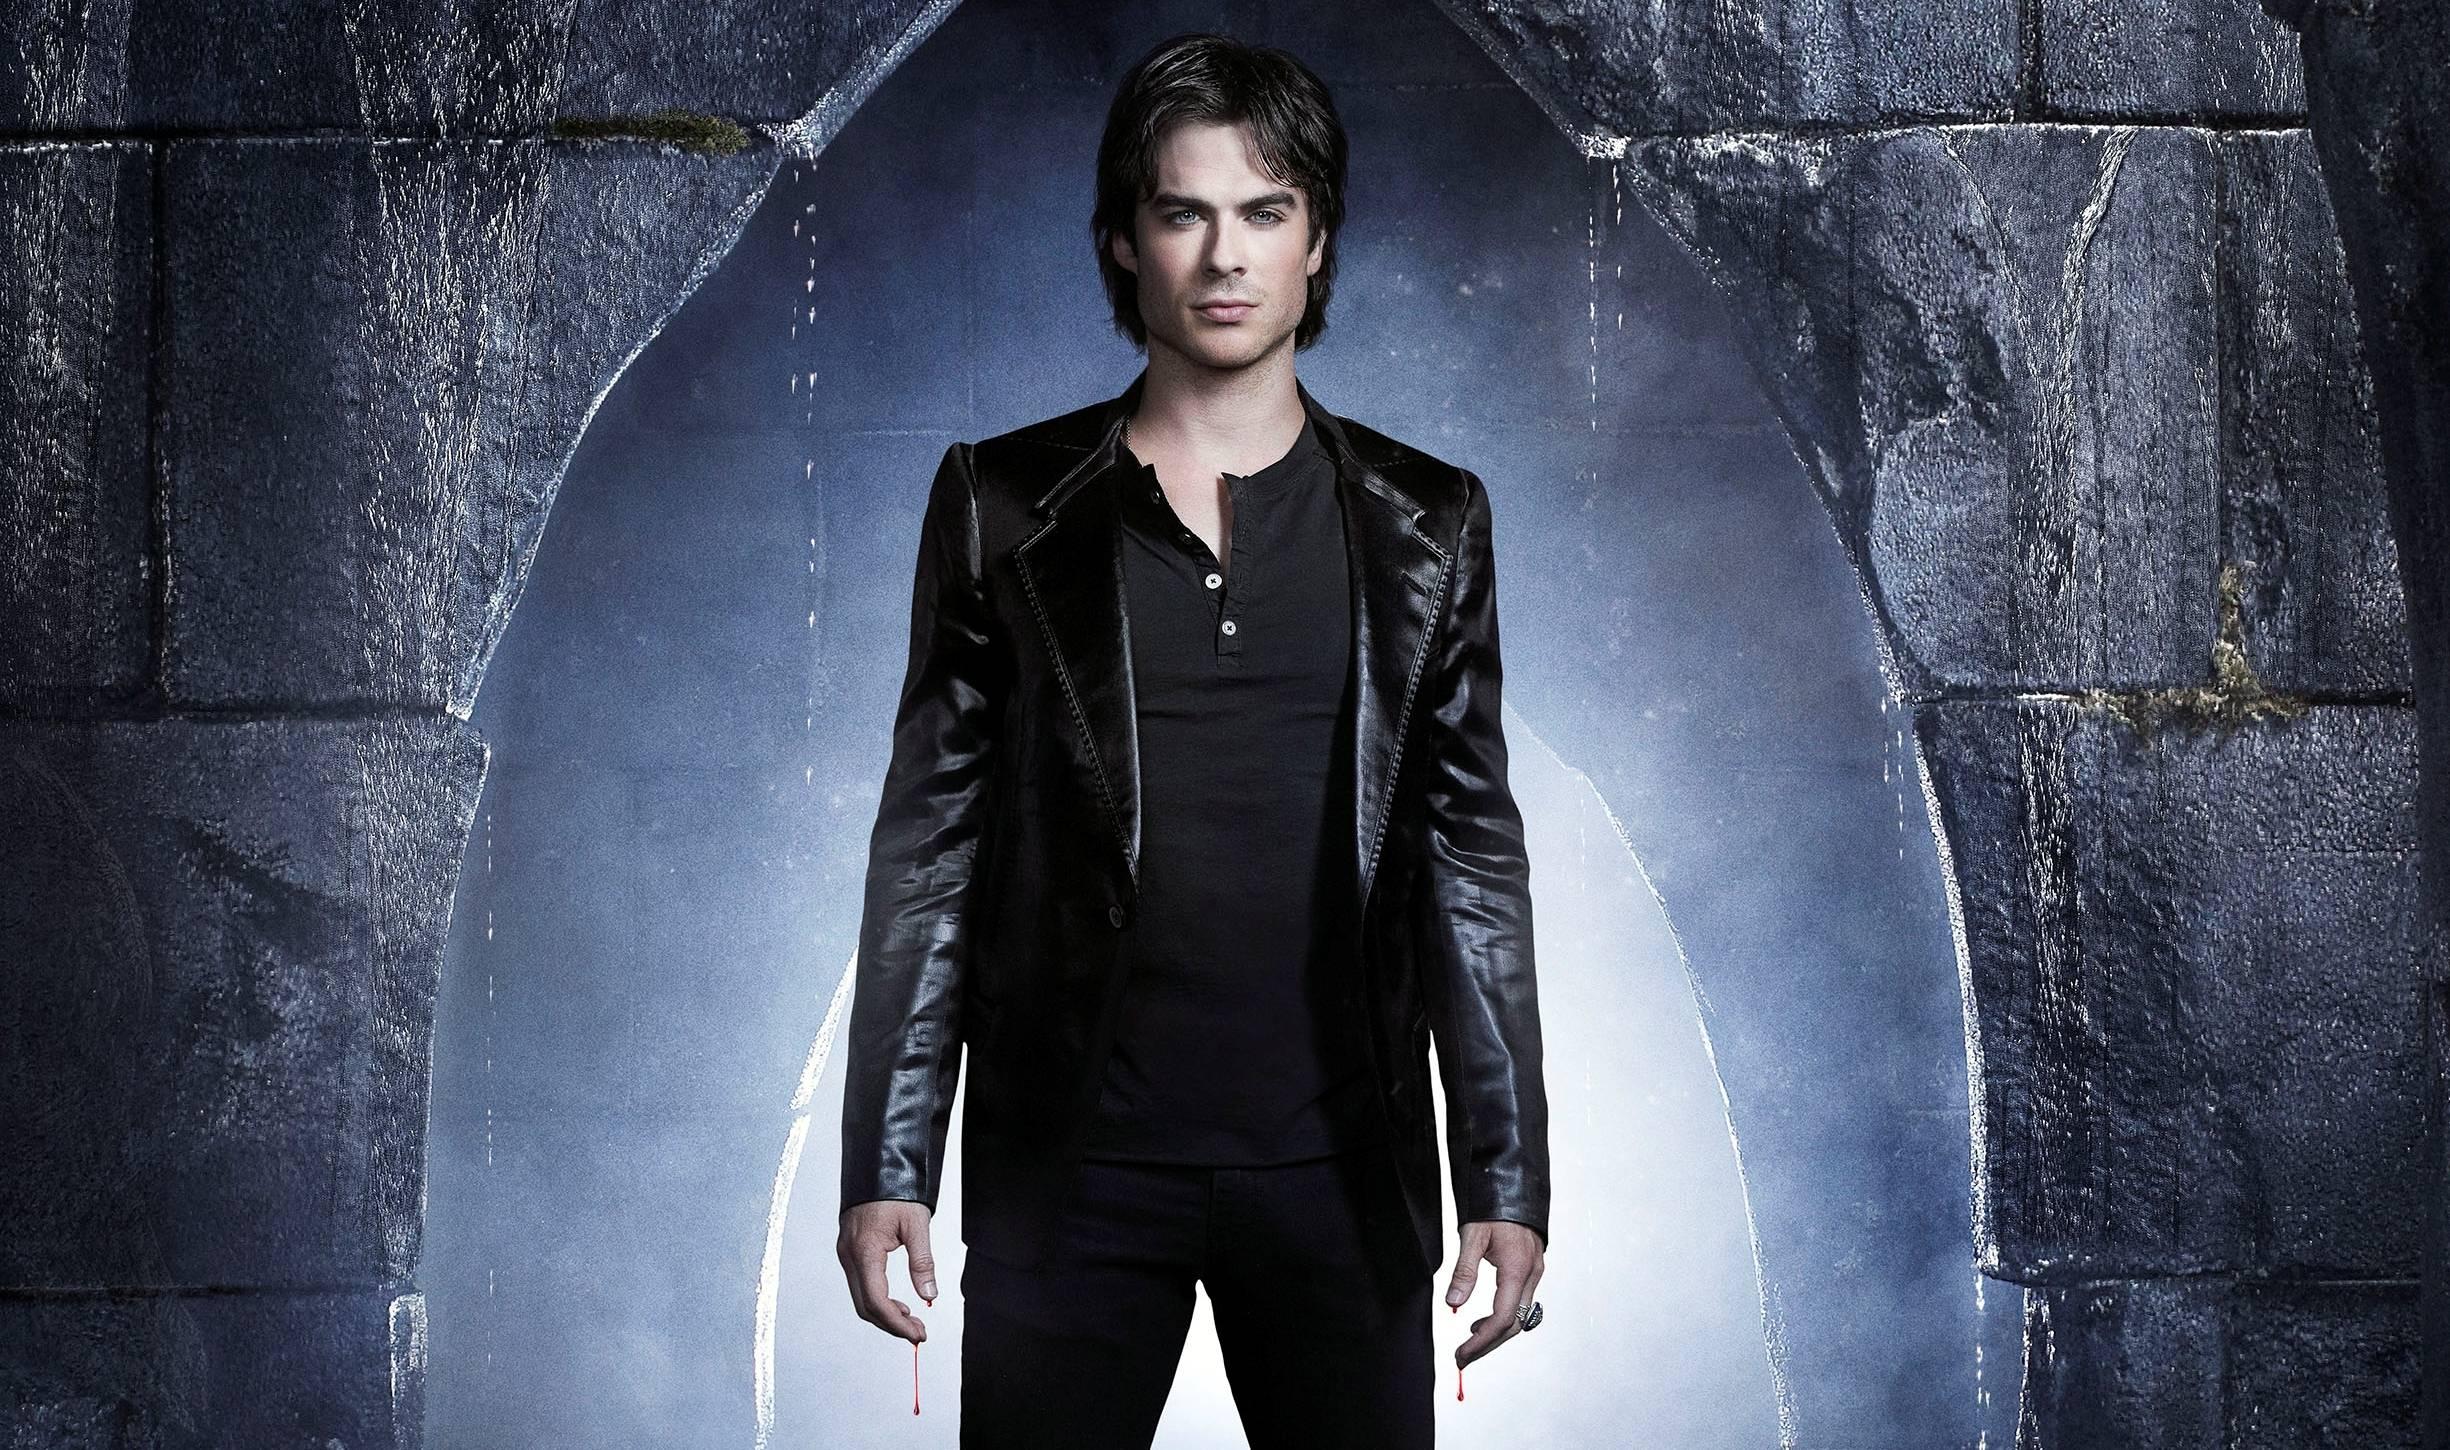 Vampire Diaries Damon Salvatore Wallpaper Damon Salvatore The Vampire 2450x1450